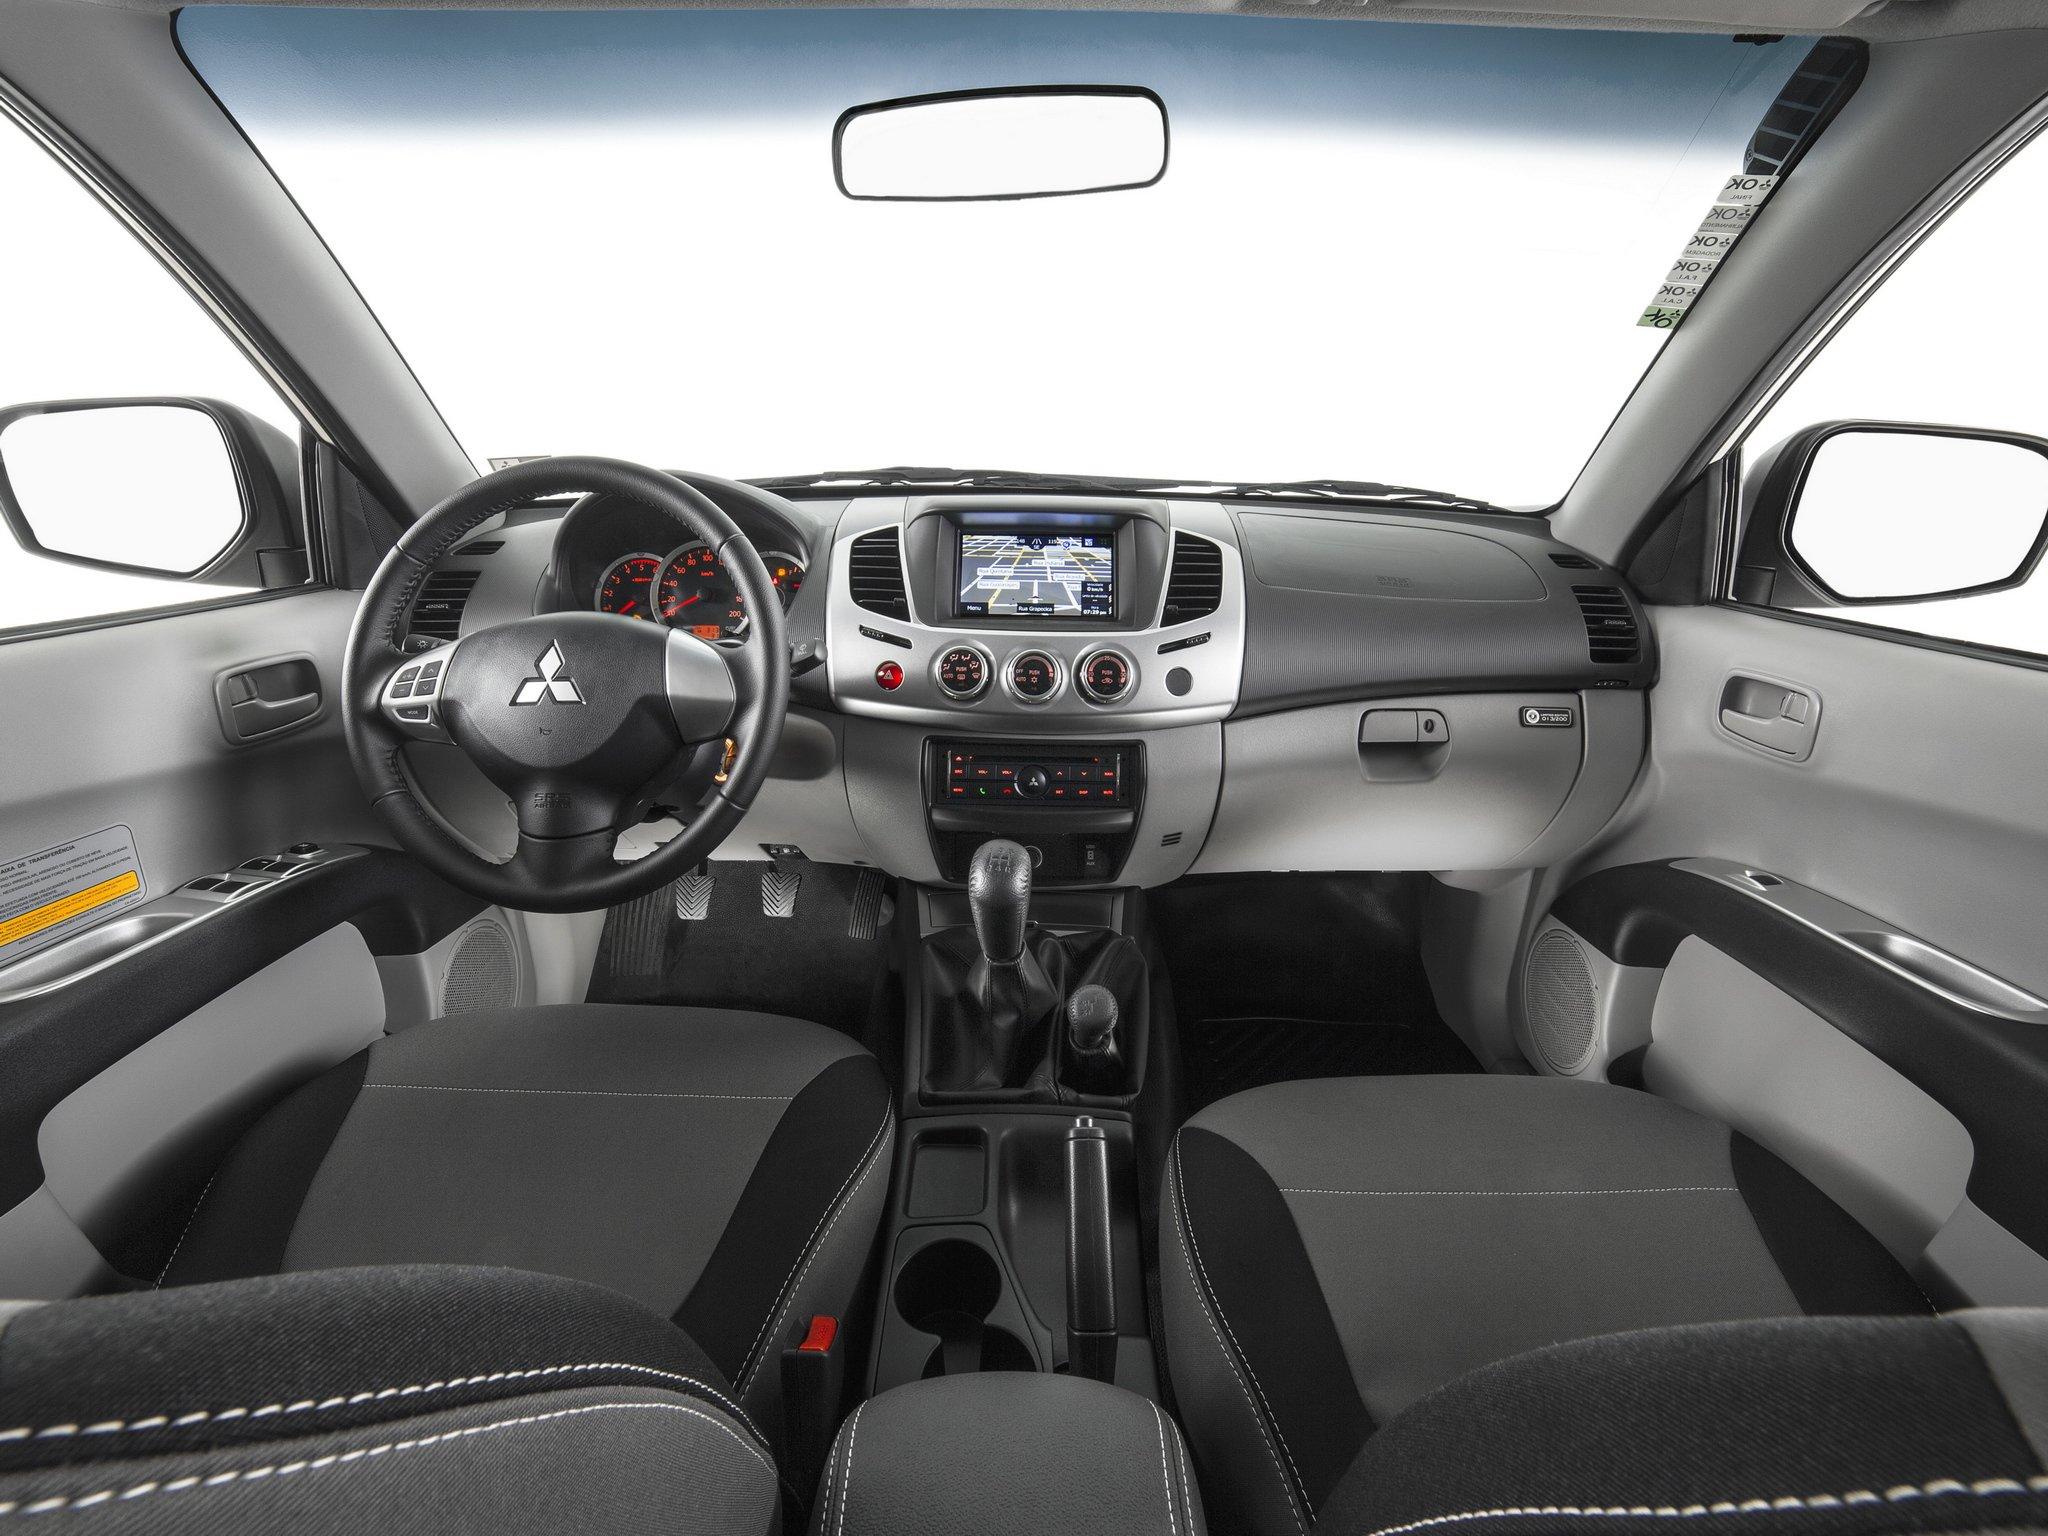 L200 Triton 2014 2014 Mitsubishi L200 Triton